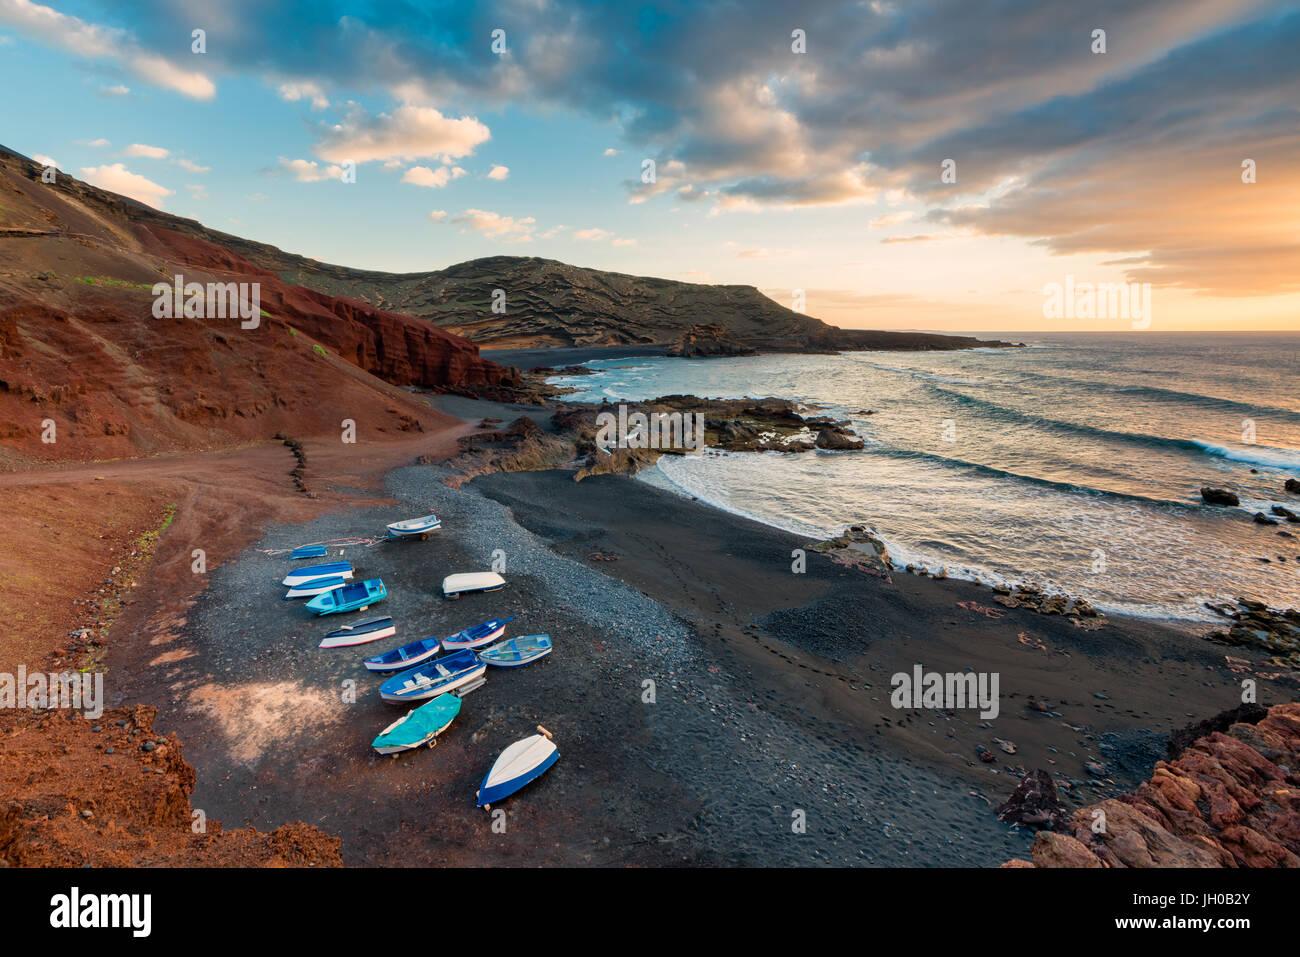 Spiaggia vulcanica in El Golfo, Lanzarote, Isole Canarie, Spagna al tramonto Immagini Stock